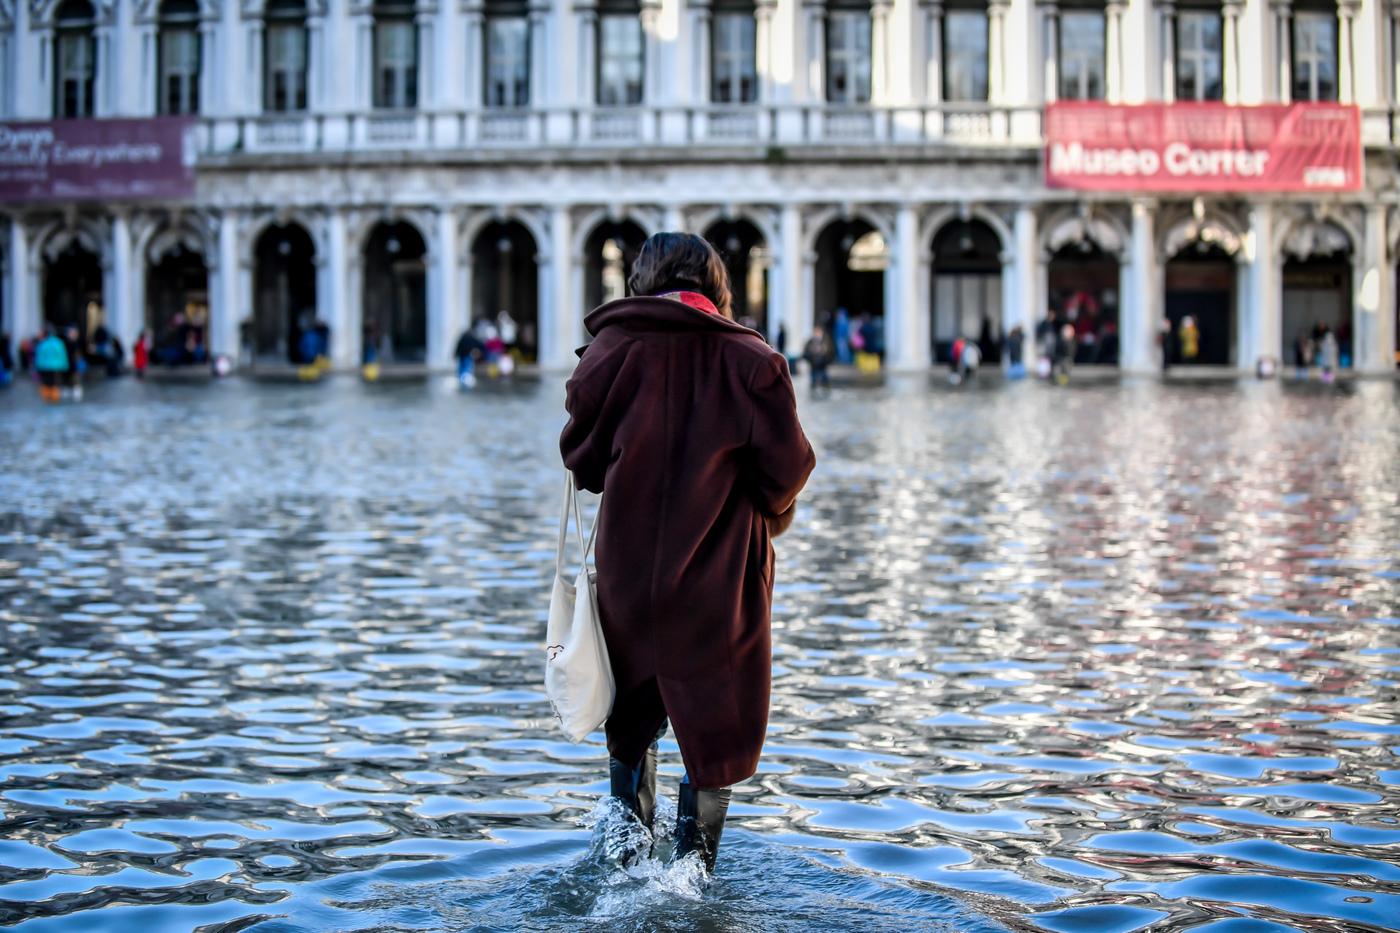 Alluvioni, Mose, ex Ilva: il previsto sfacelo dell'Italia